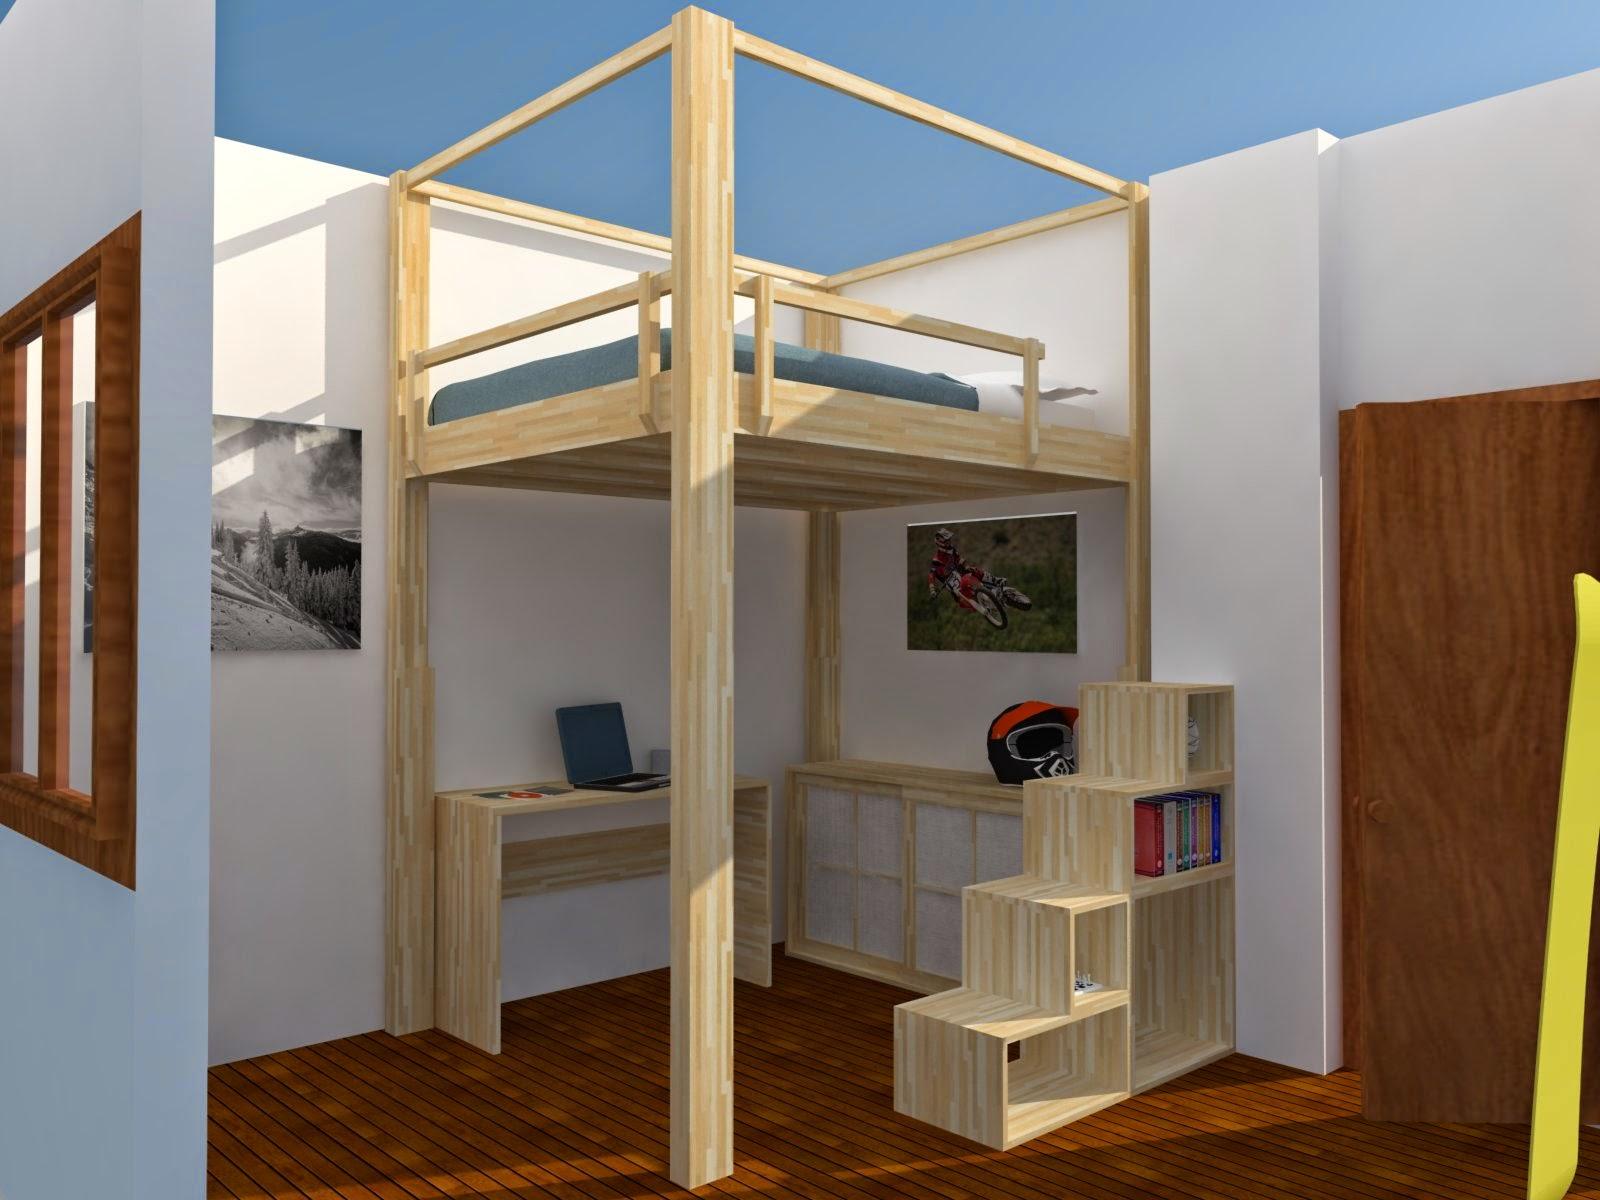 Soppalco in legno esempi letti a soppalco - Letto soppalco legno ...